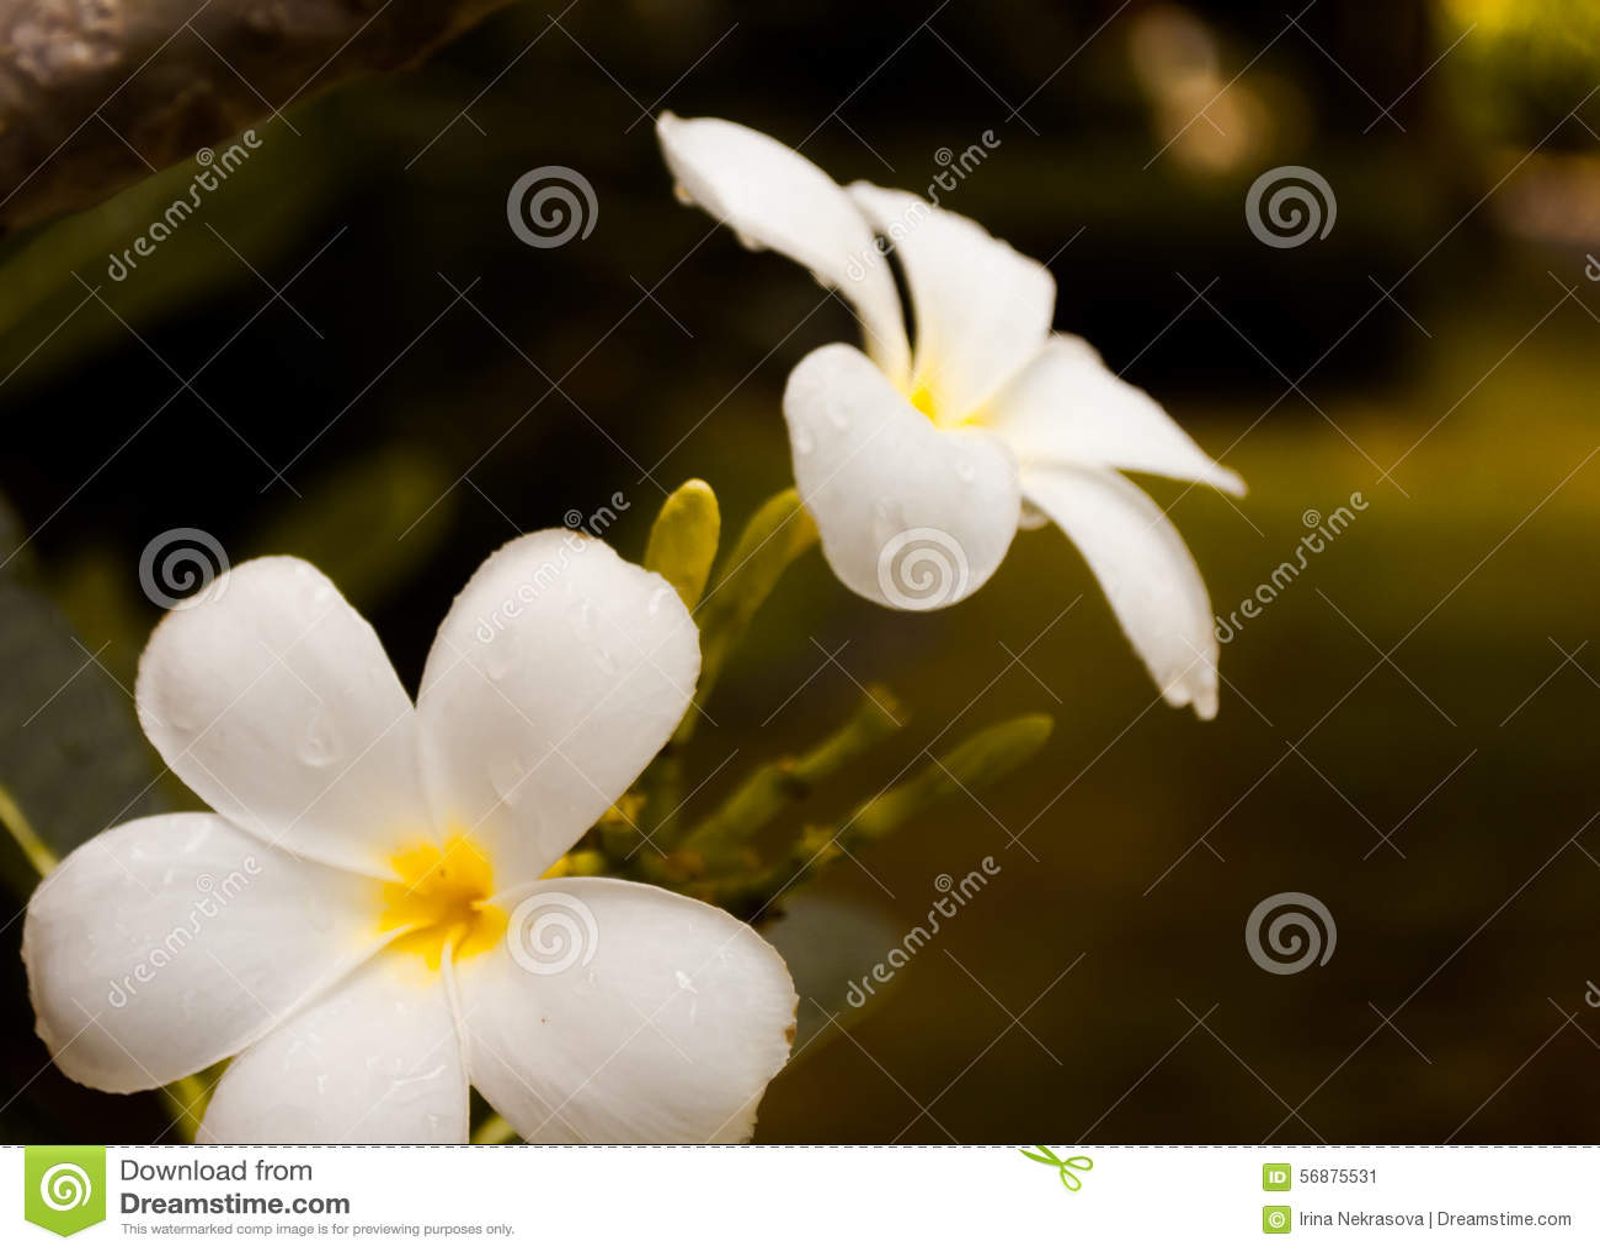 Plumeria de fleurs blanches avec la baisse de pluie